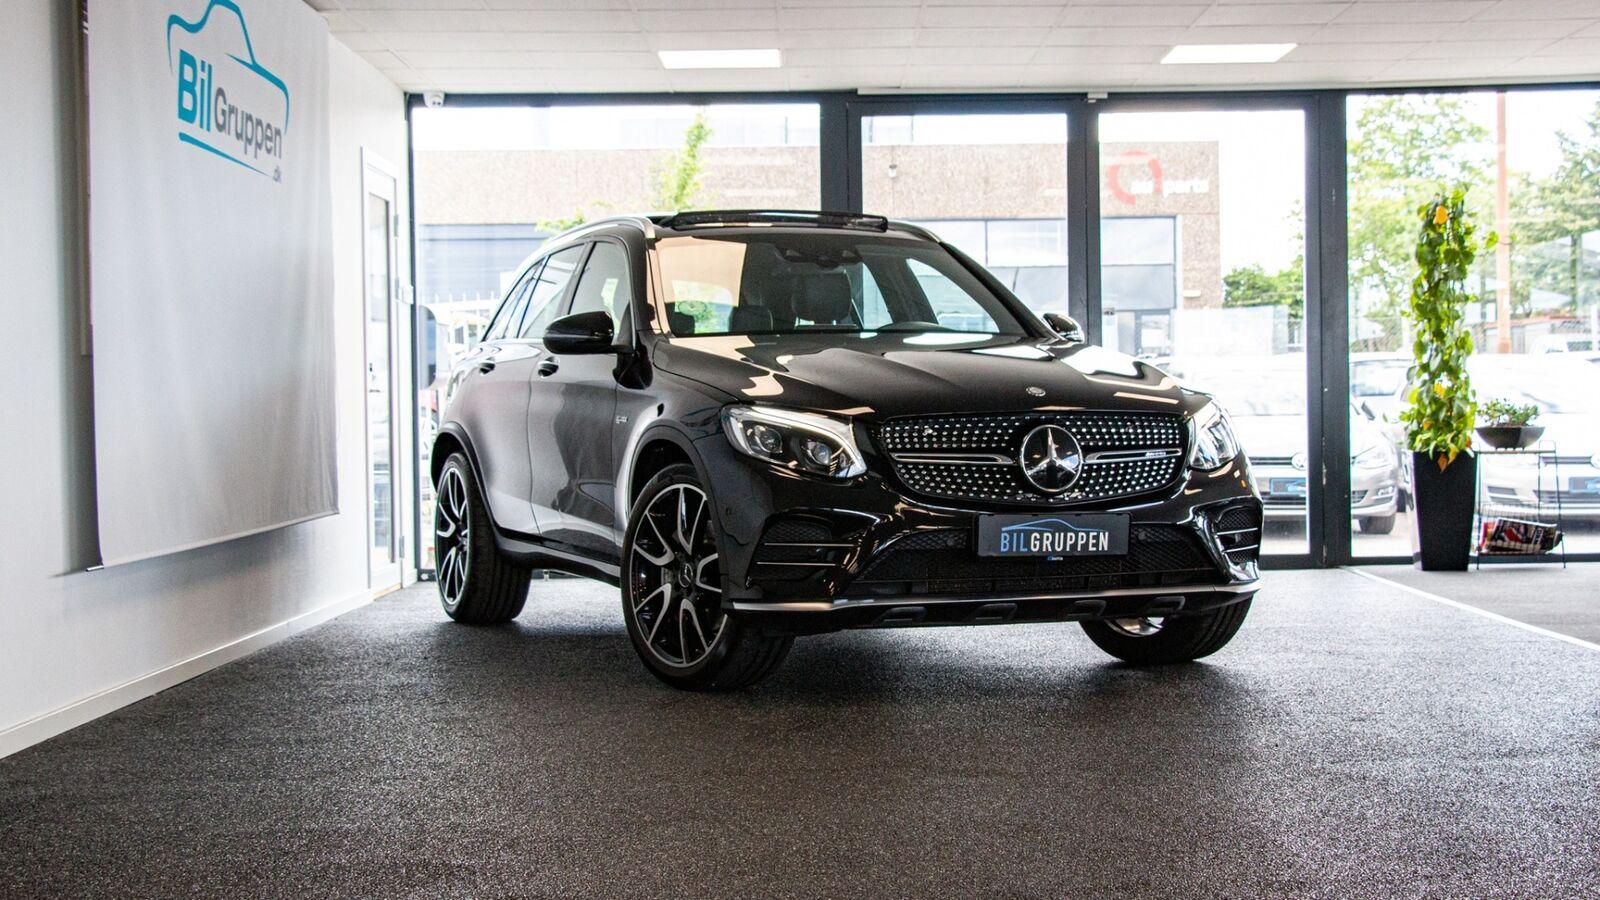 Mercedes GLC43 3,0 AMG aut. 4-M 5d - 819.900 kr.